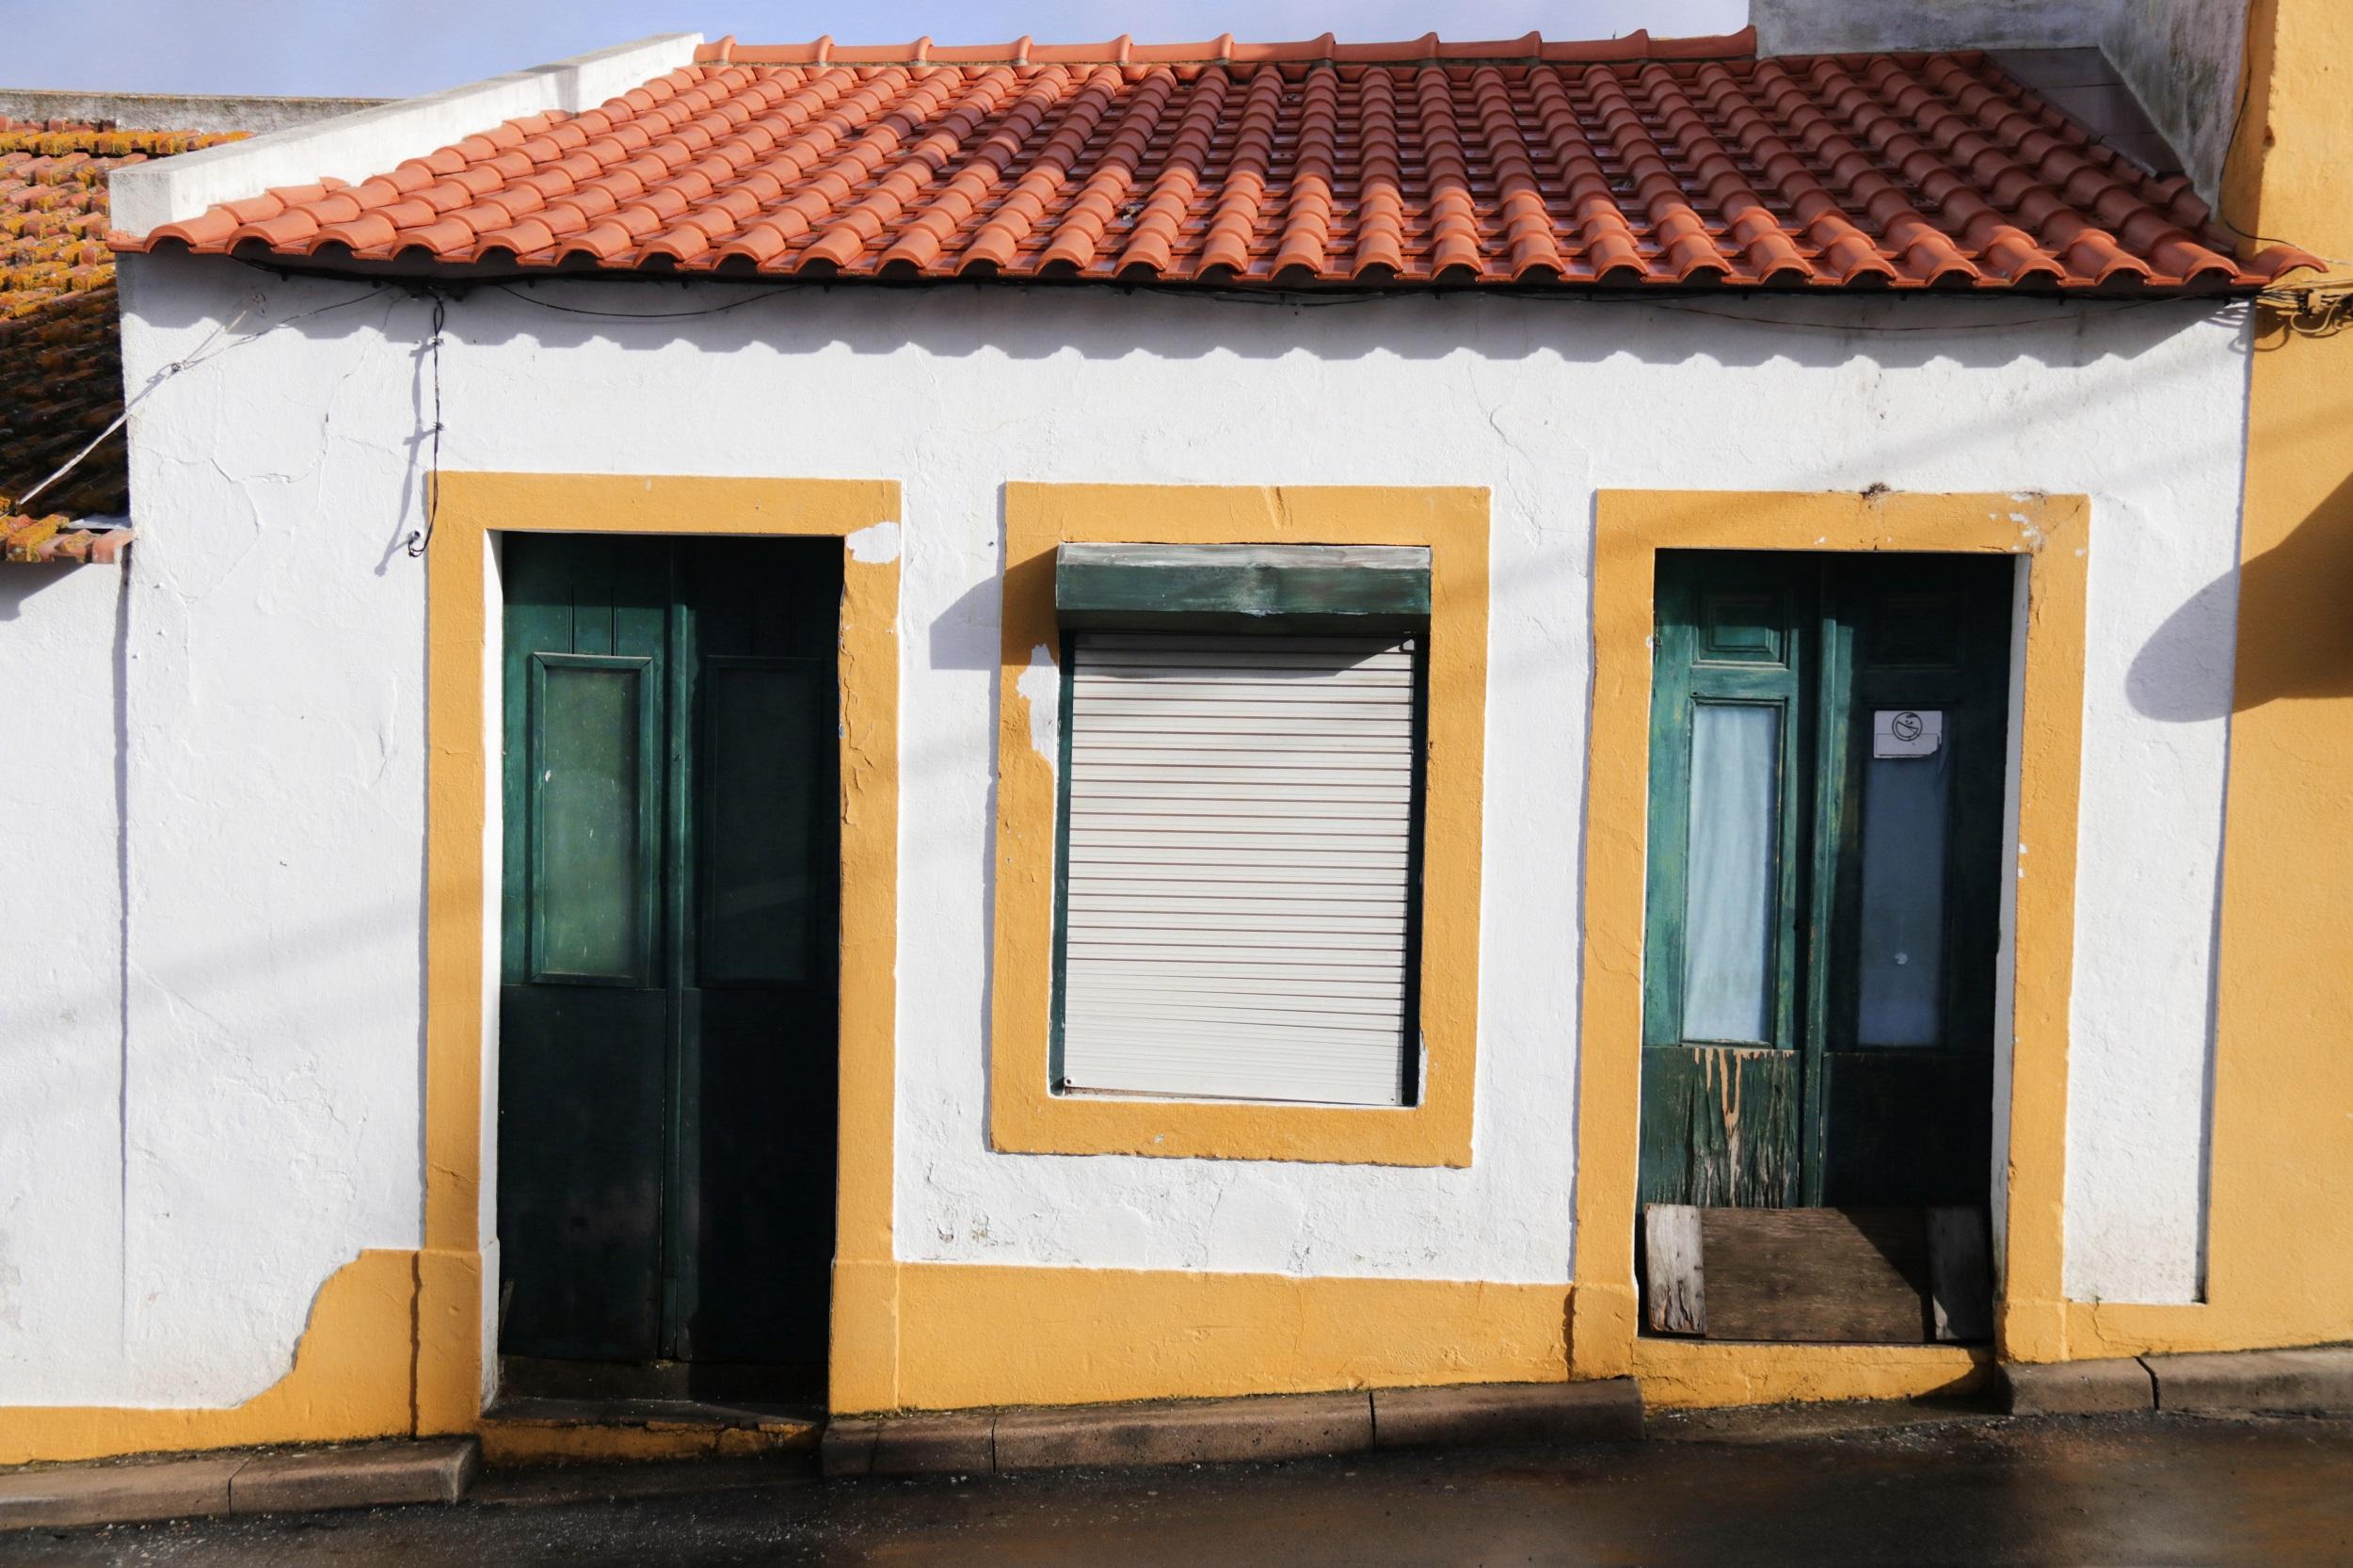 Antiga mercearia de Maria Saraiva (CMMN, 2019)